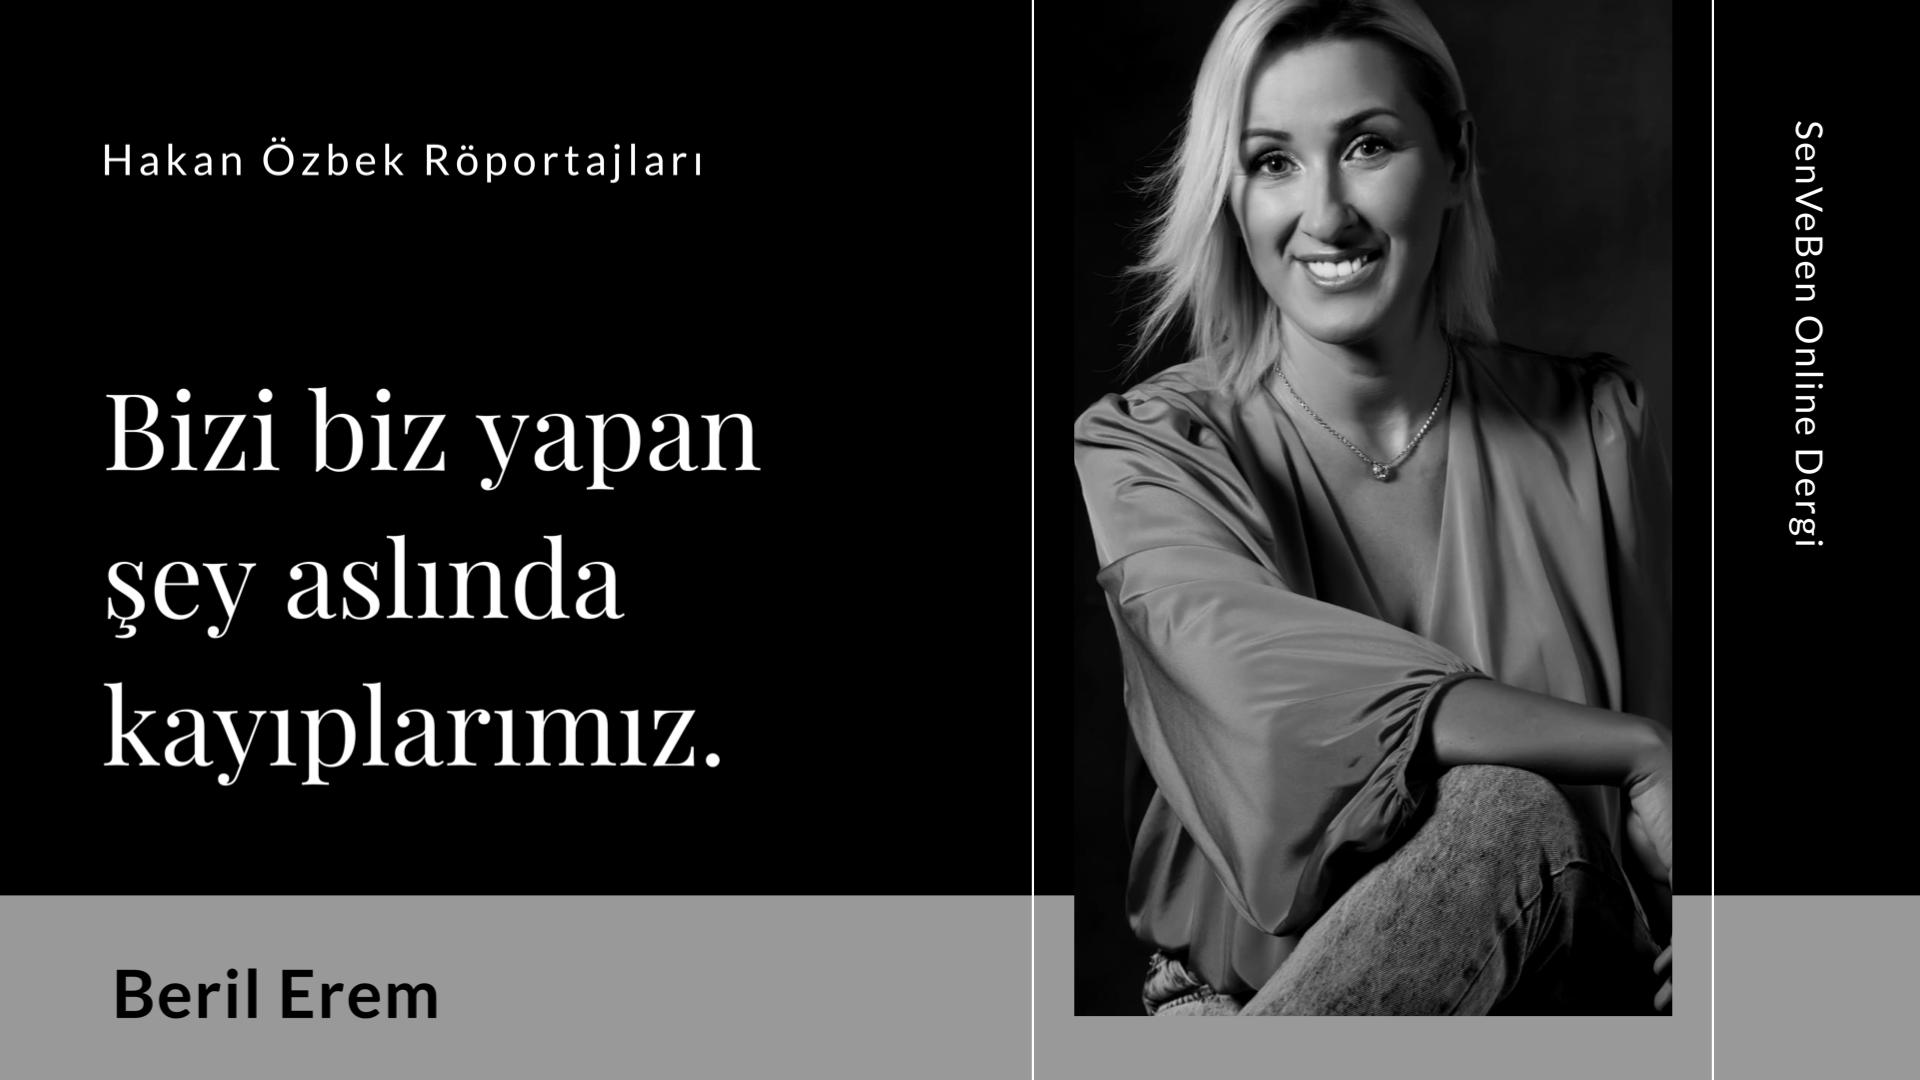 Hakan Özbek Röportajları | Beril Erem